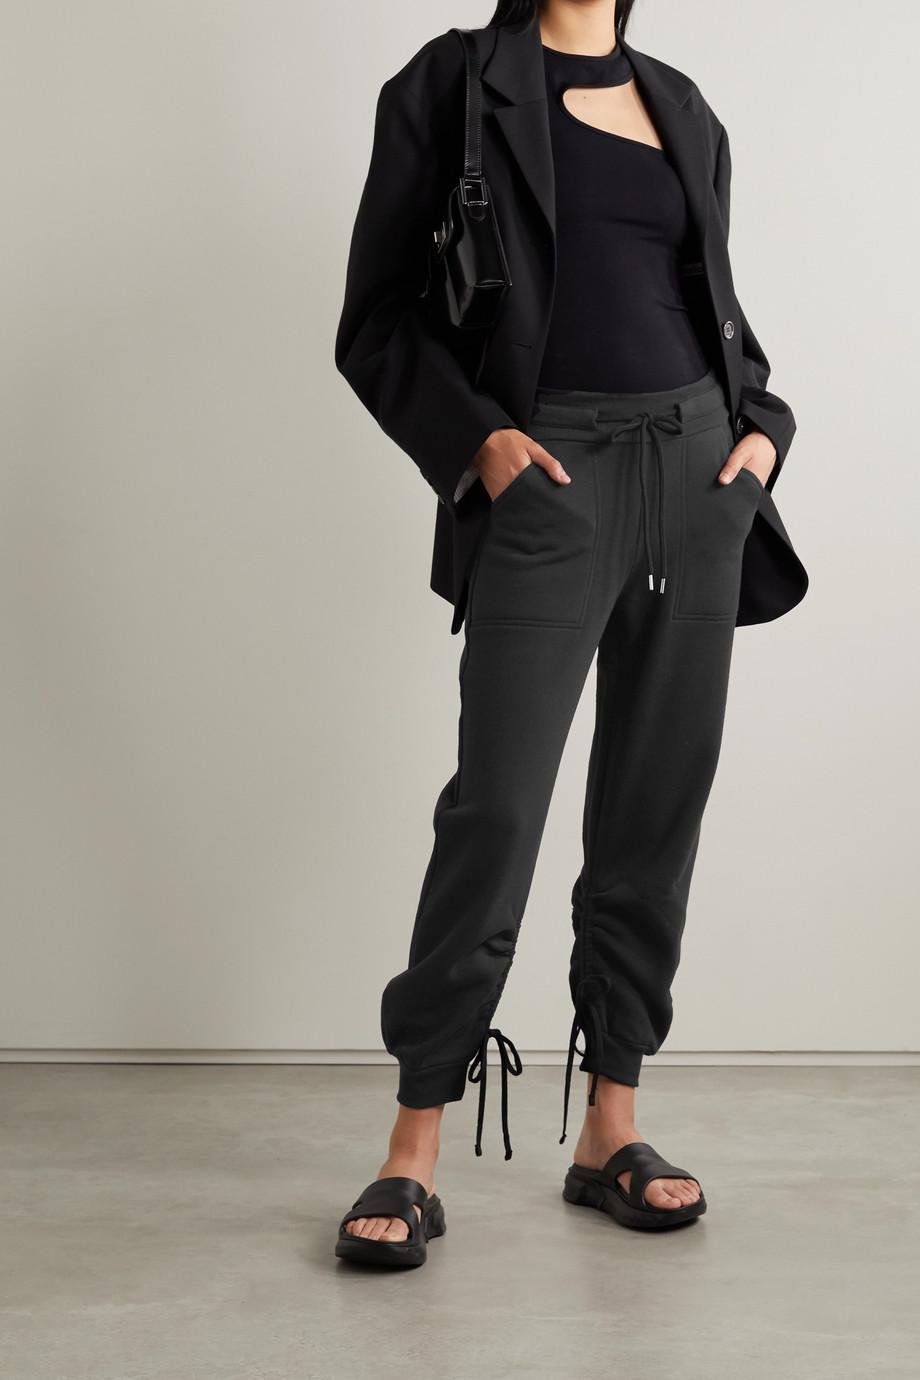 The Range Pantalon de survêtement en molleton de coton mélangé à liens Contra